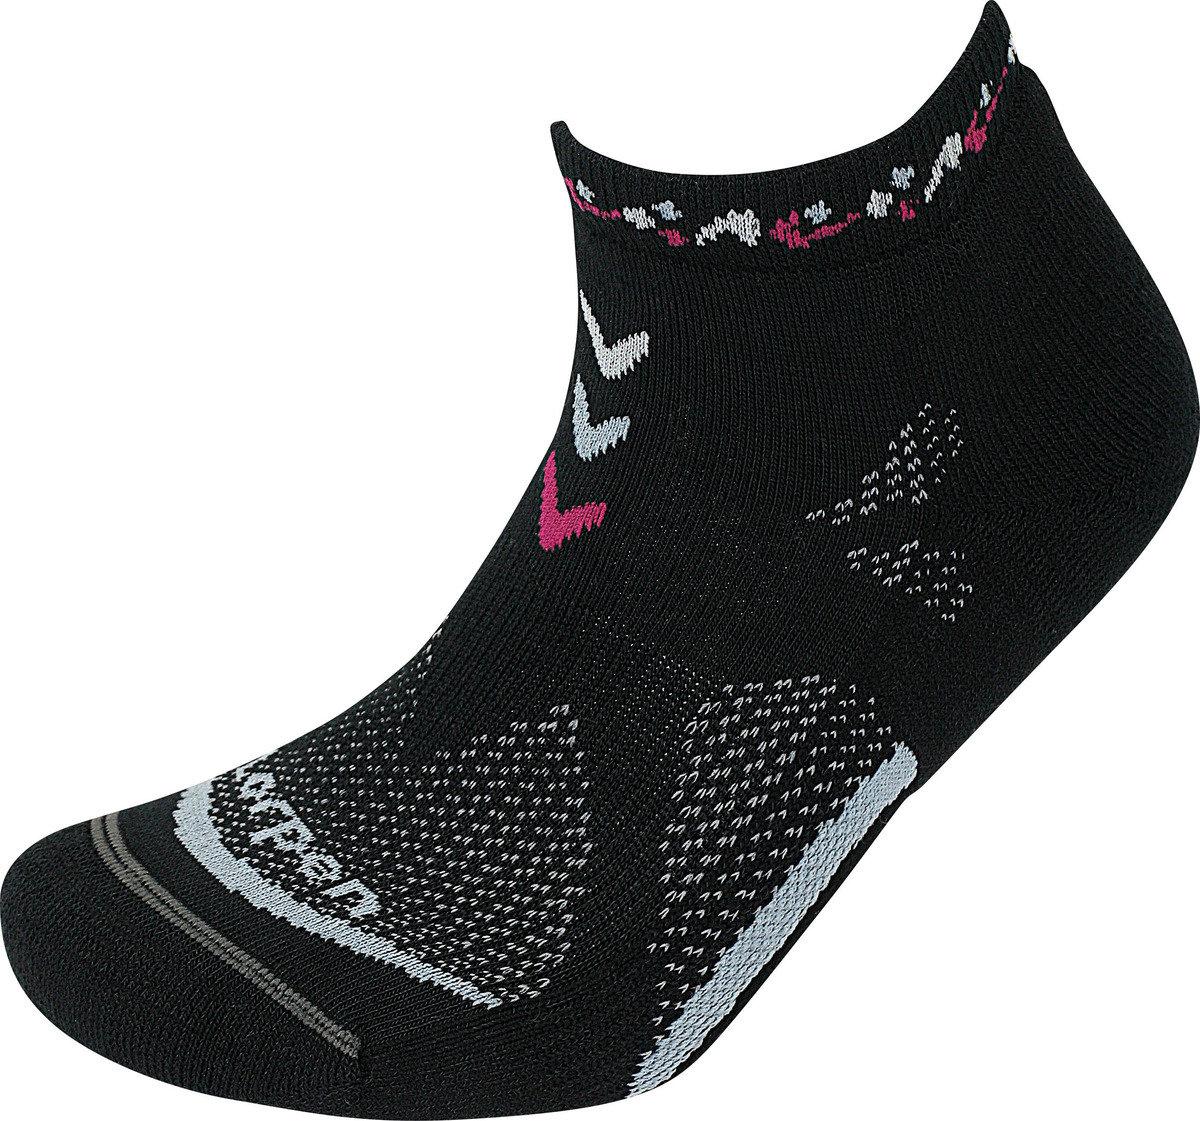 西班牙專業運動襪 - M3LSW4470 (Black) M